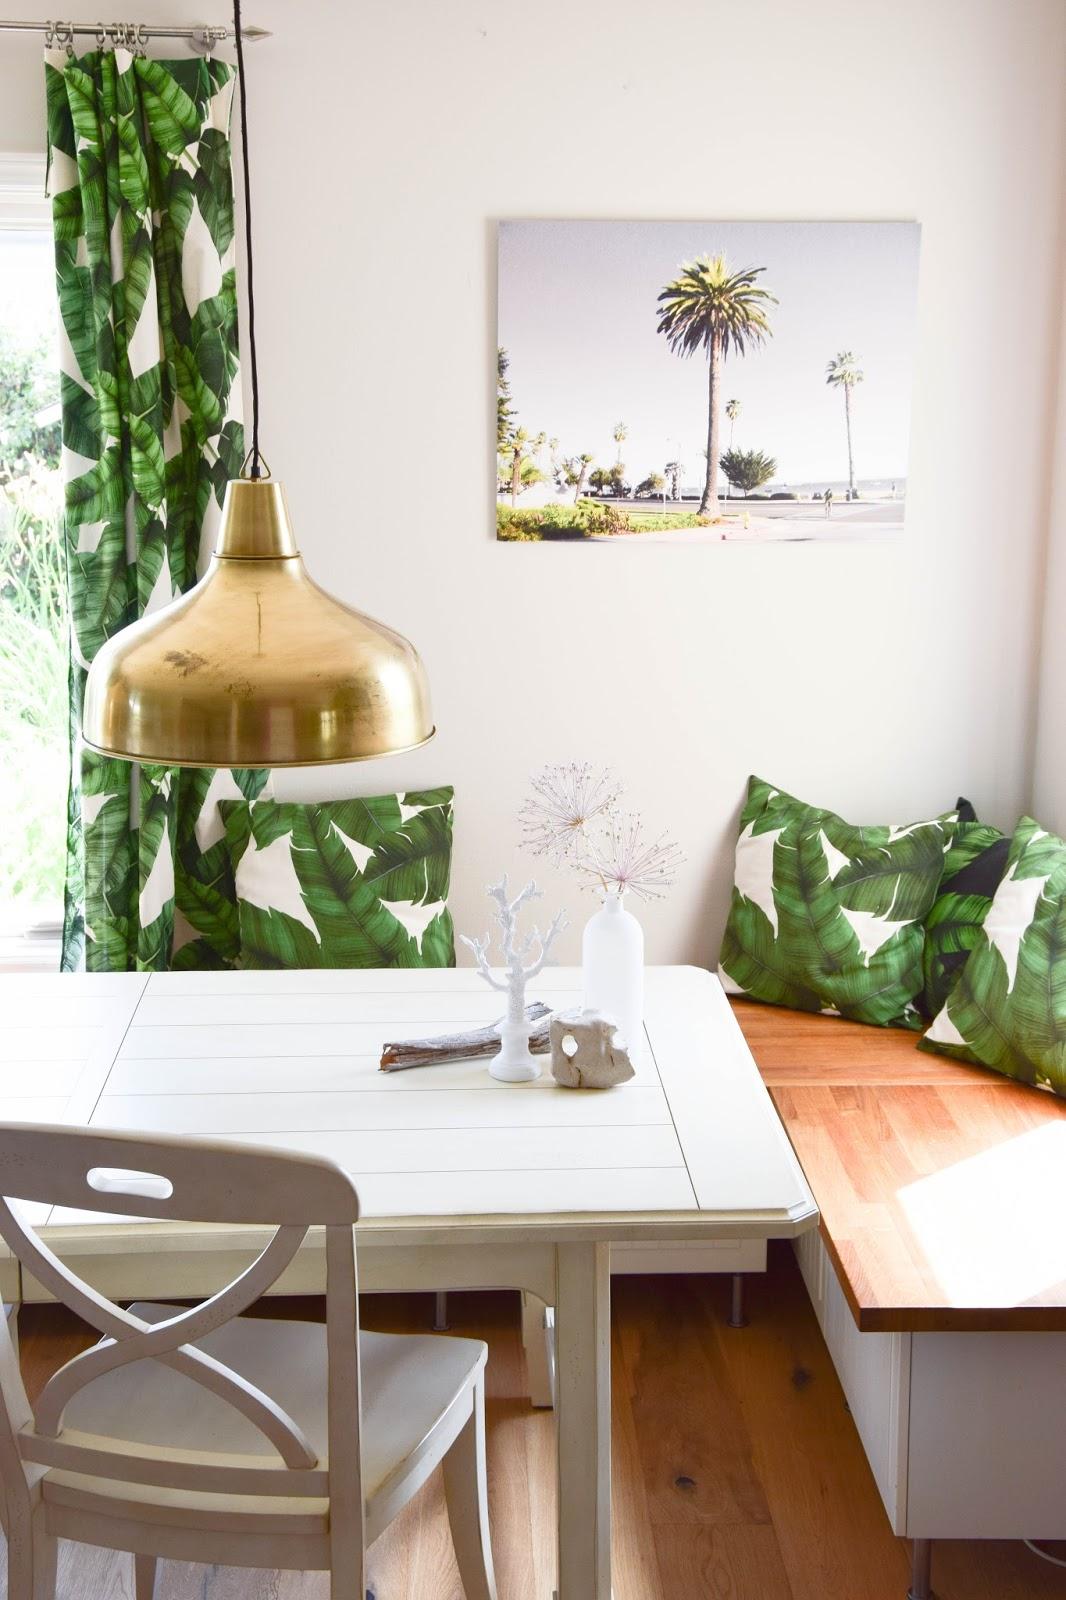 Wanddeko für das Esszimmer: Sommer, Palmen und Tropical Feeling - Santa Barbara